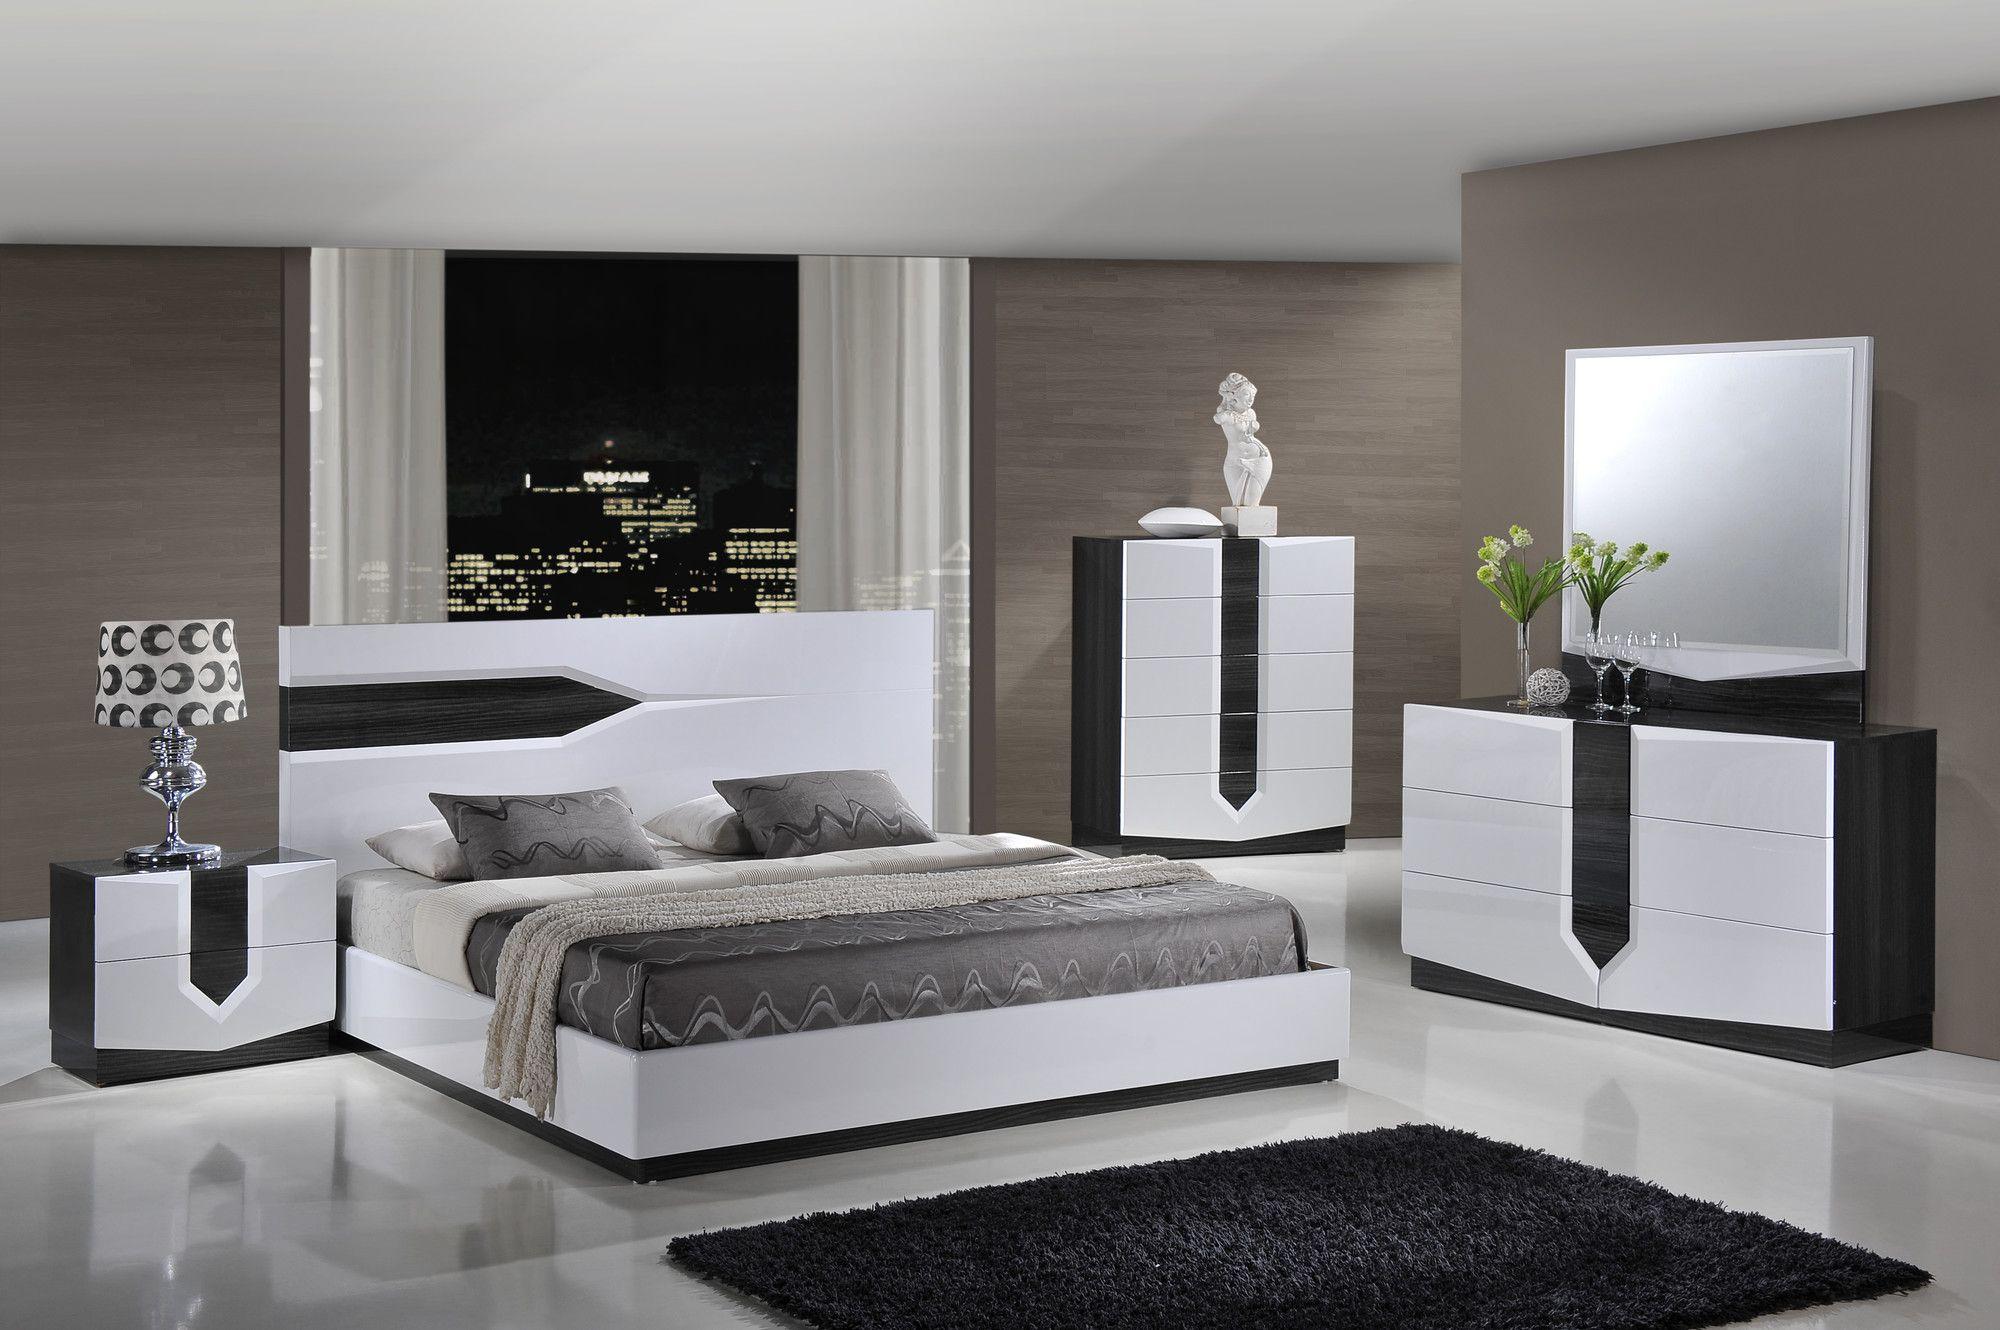 Hudson Platform Bedroom Collection Wayfair White Bedroom Set White Bedroom Furniture Modern Bedroom Furniture